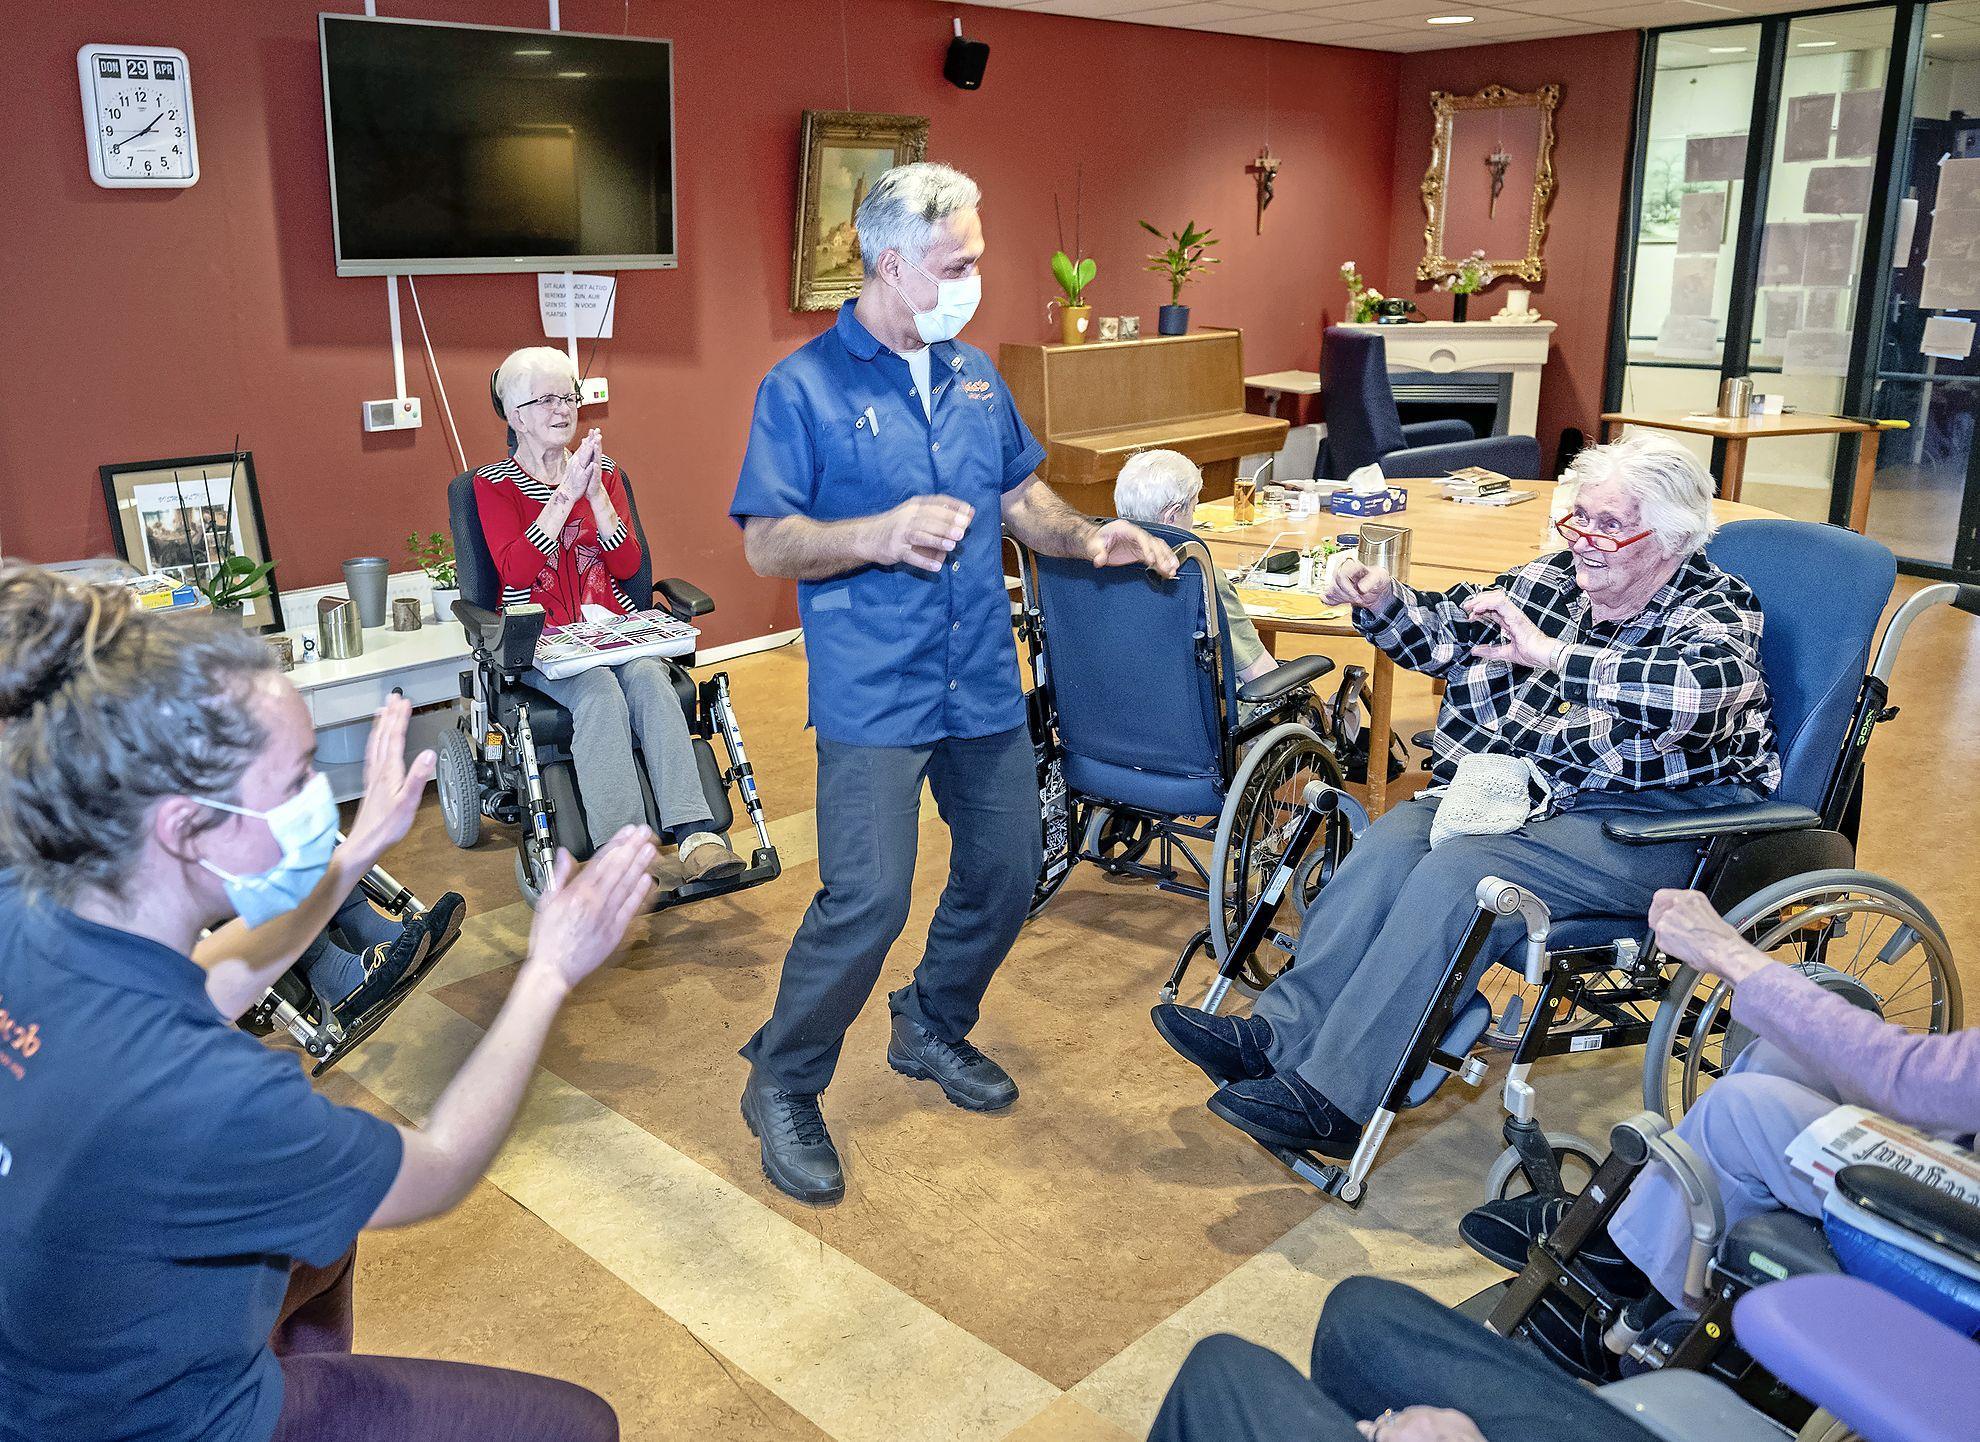 Everybody Dance Now in woonzorgcentrum Bosbeek in Heemstede. Even lekker los gaan in woonzorgcentrum. 'Je kunt ook met handen en hoofd dansen'